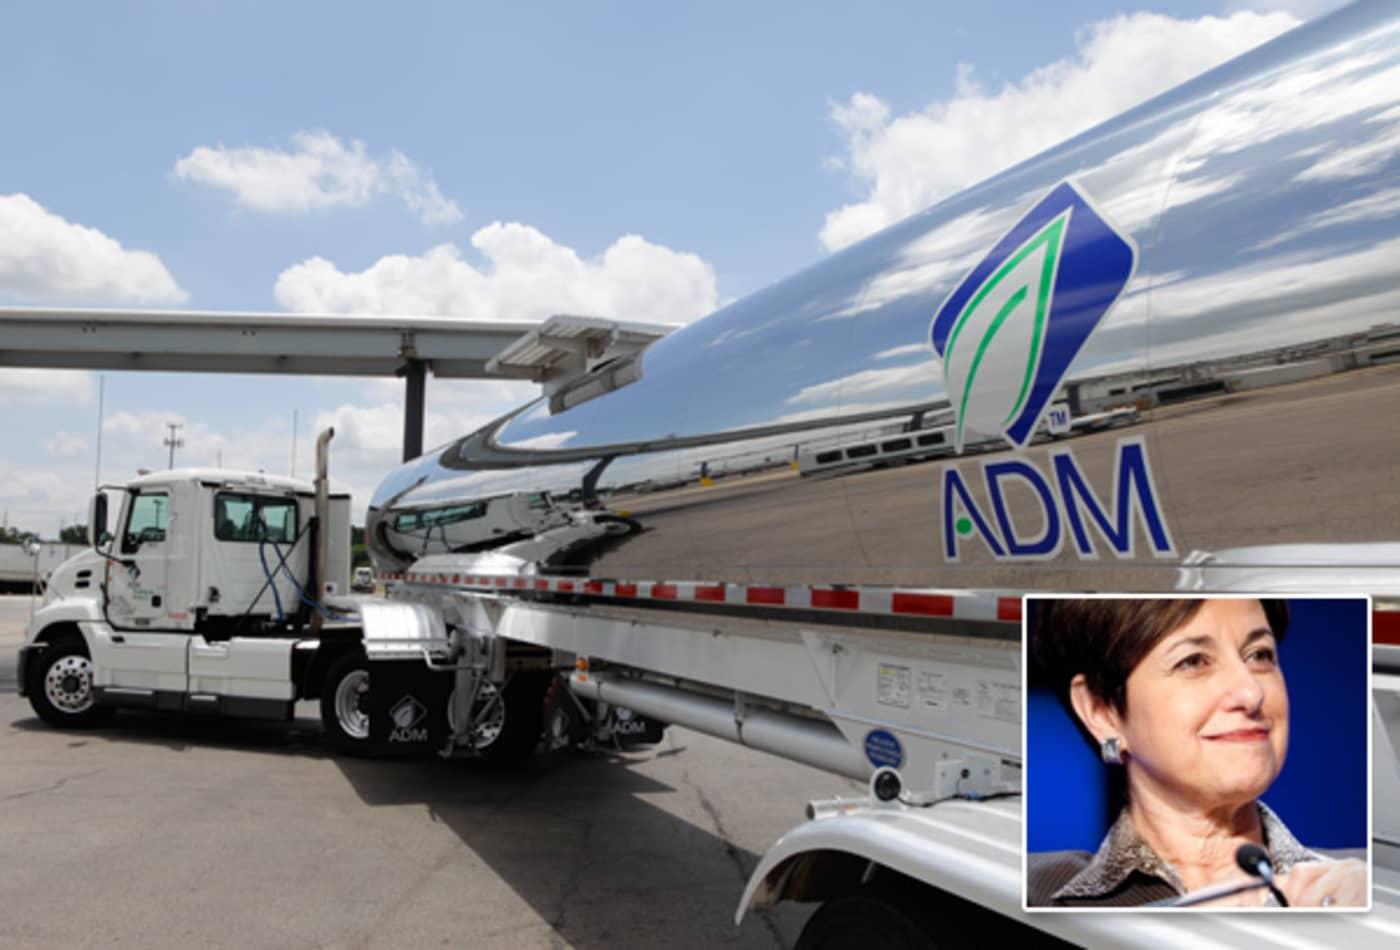 Archer-Daniels-Midland-Biggest-Companies-Run-By-Women-CNBC.jpg